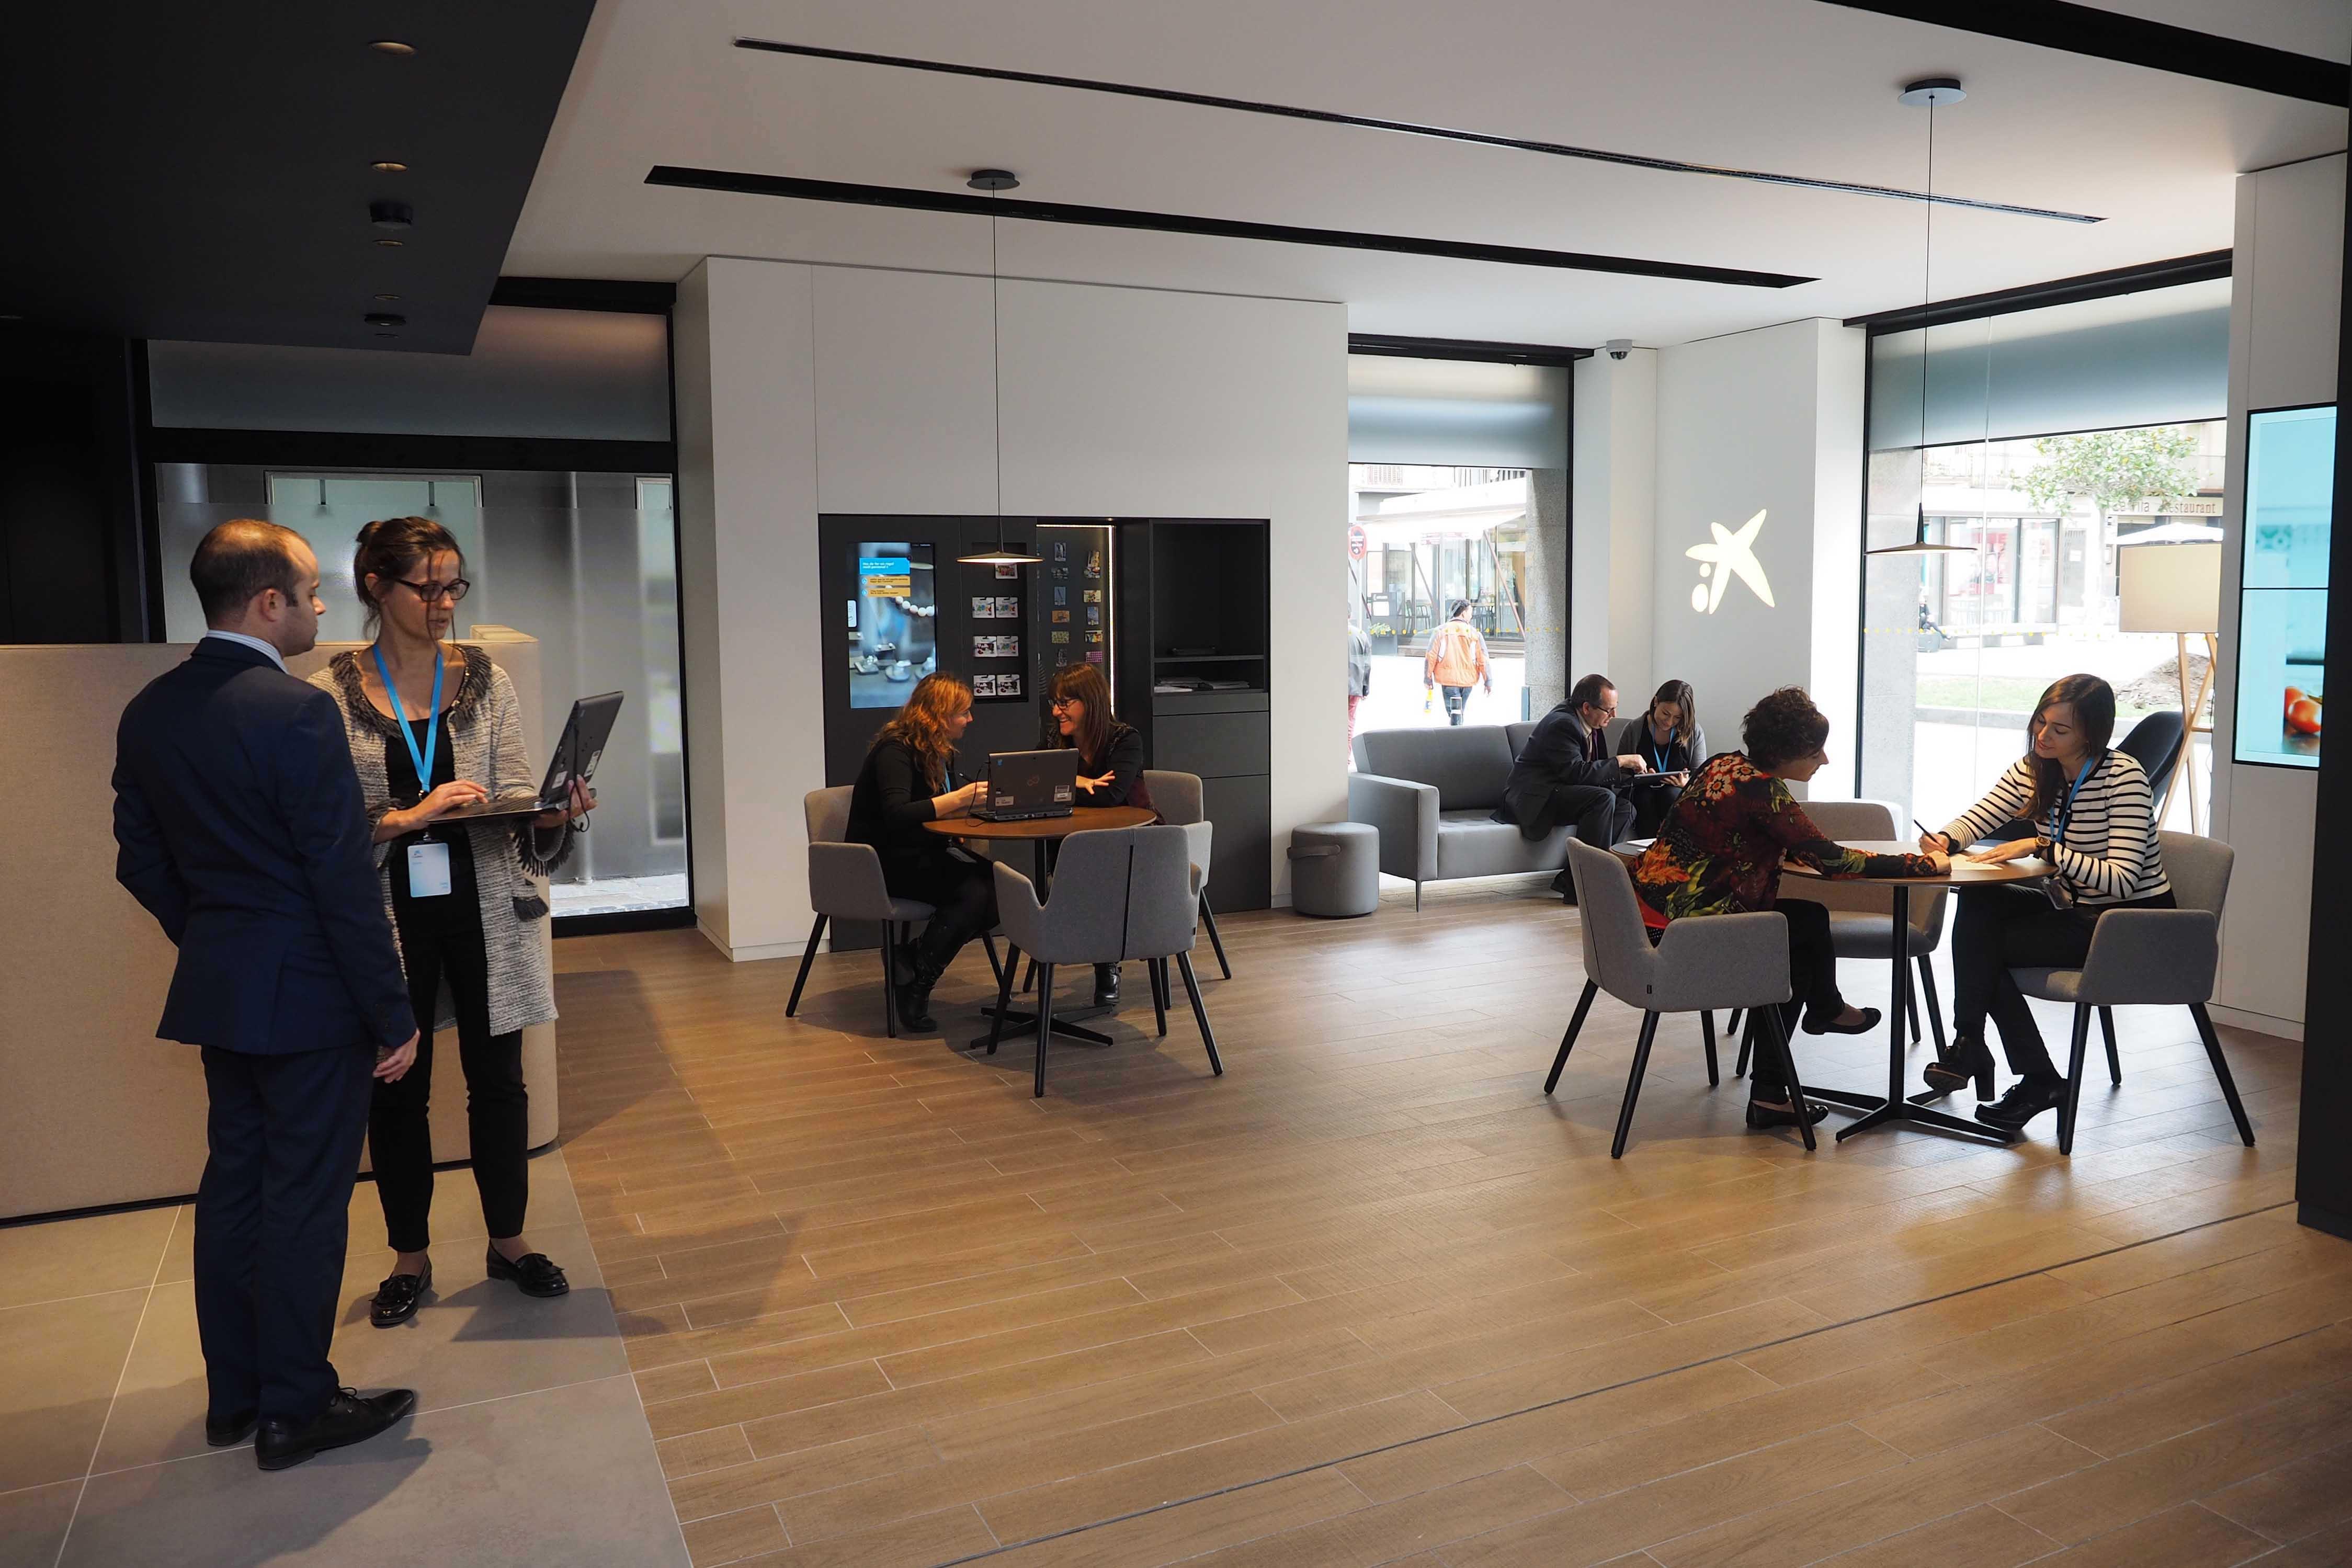 Caixabank ha obert a la ciutat d 39 olot una oficina del nou for Oficina 2100 caixabank